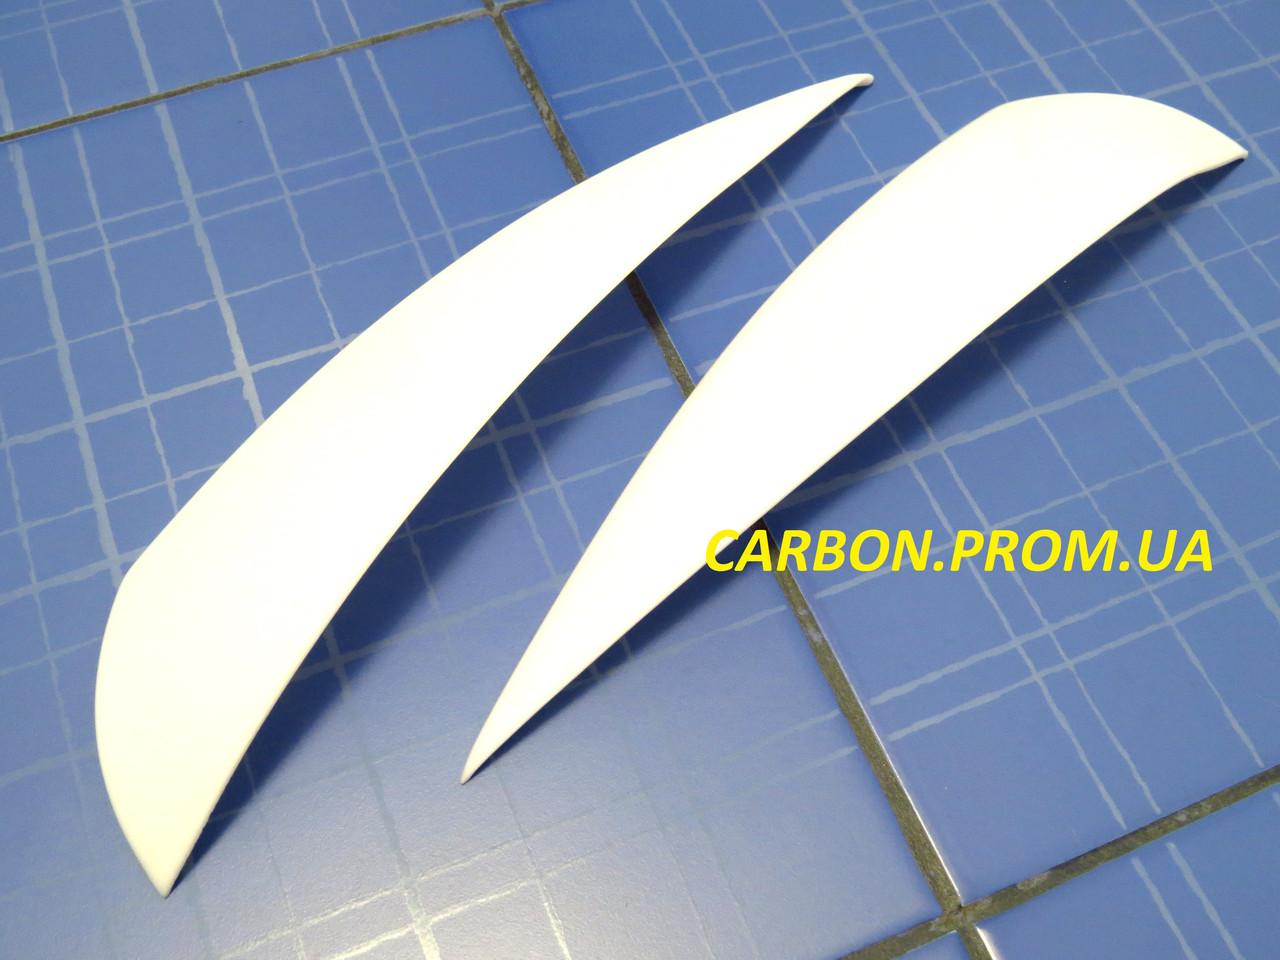 Ресницы ANV Air ВАЗ 2170 Приора белые тюнинговые накладки на автомобильные фары Priora